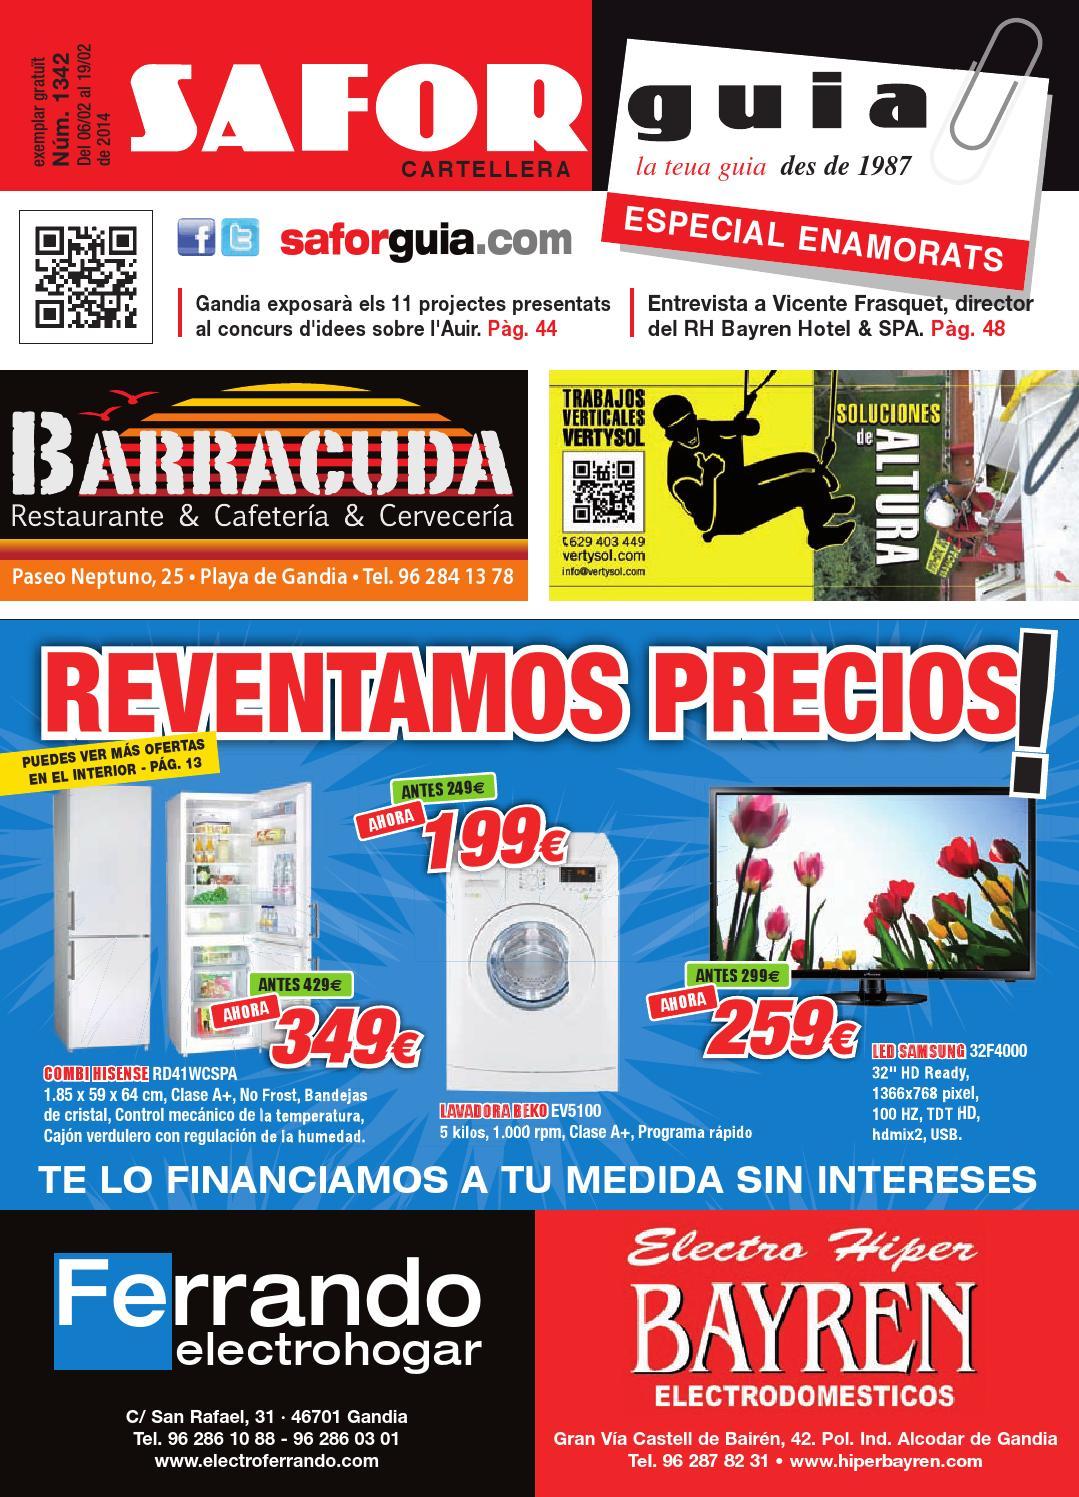 Publicaci N Del 6 Al 19 De Febrero De 2014 By Saforguia  # Muebles Peiro Quart De Poblet